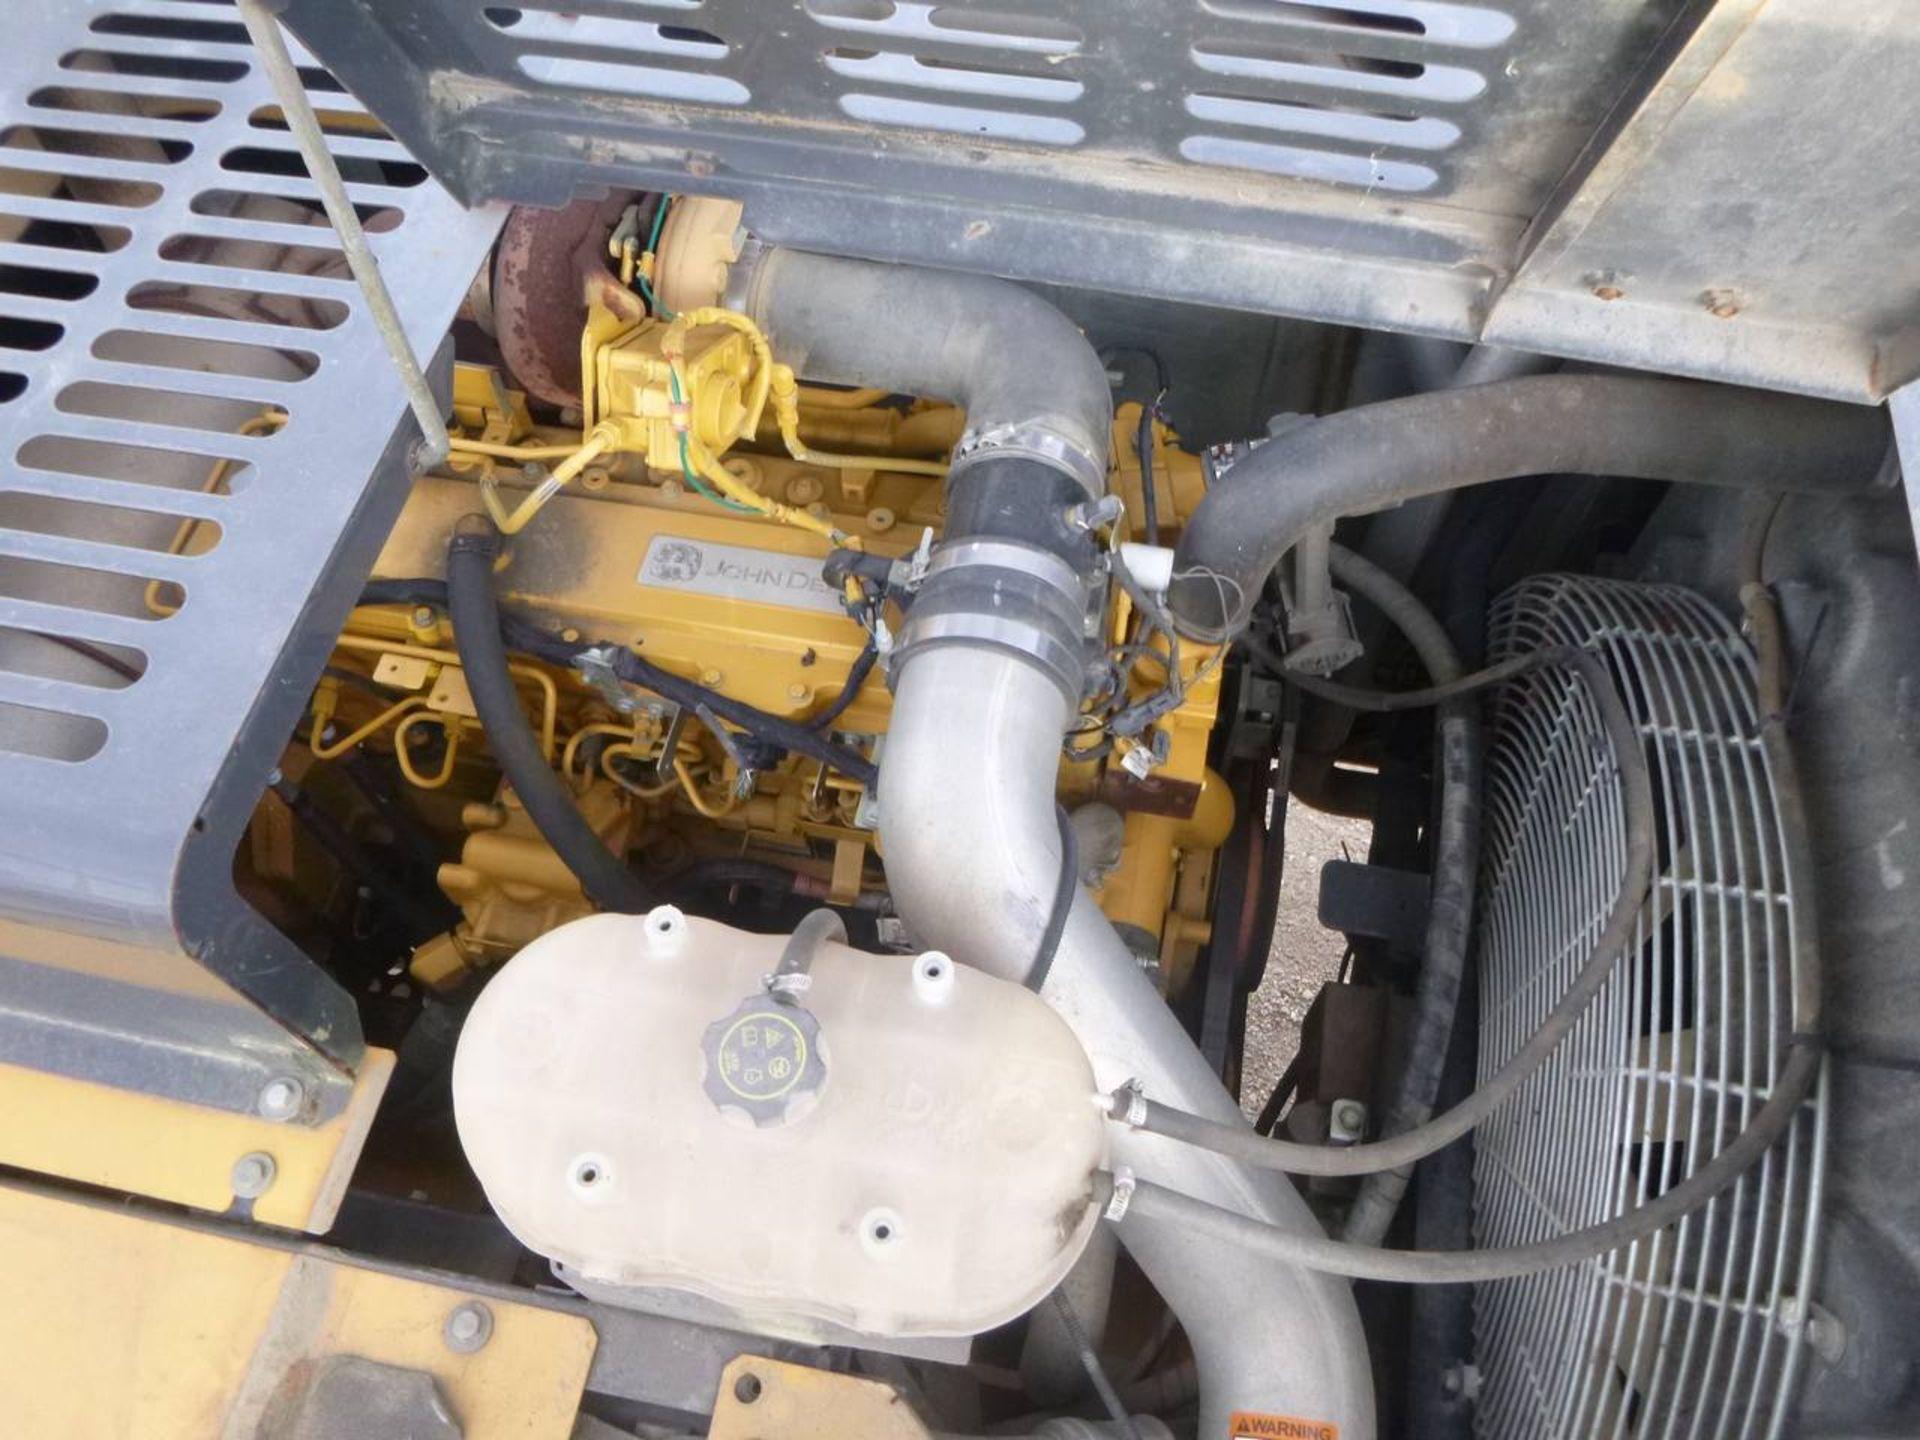 2012 John Deere 350G LC Excavator - Image 11 of 12